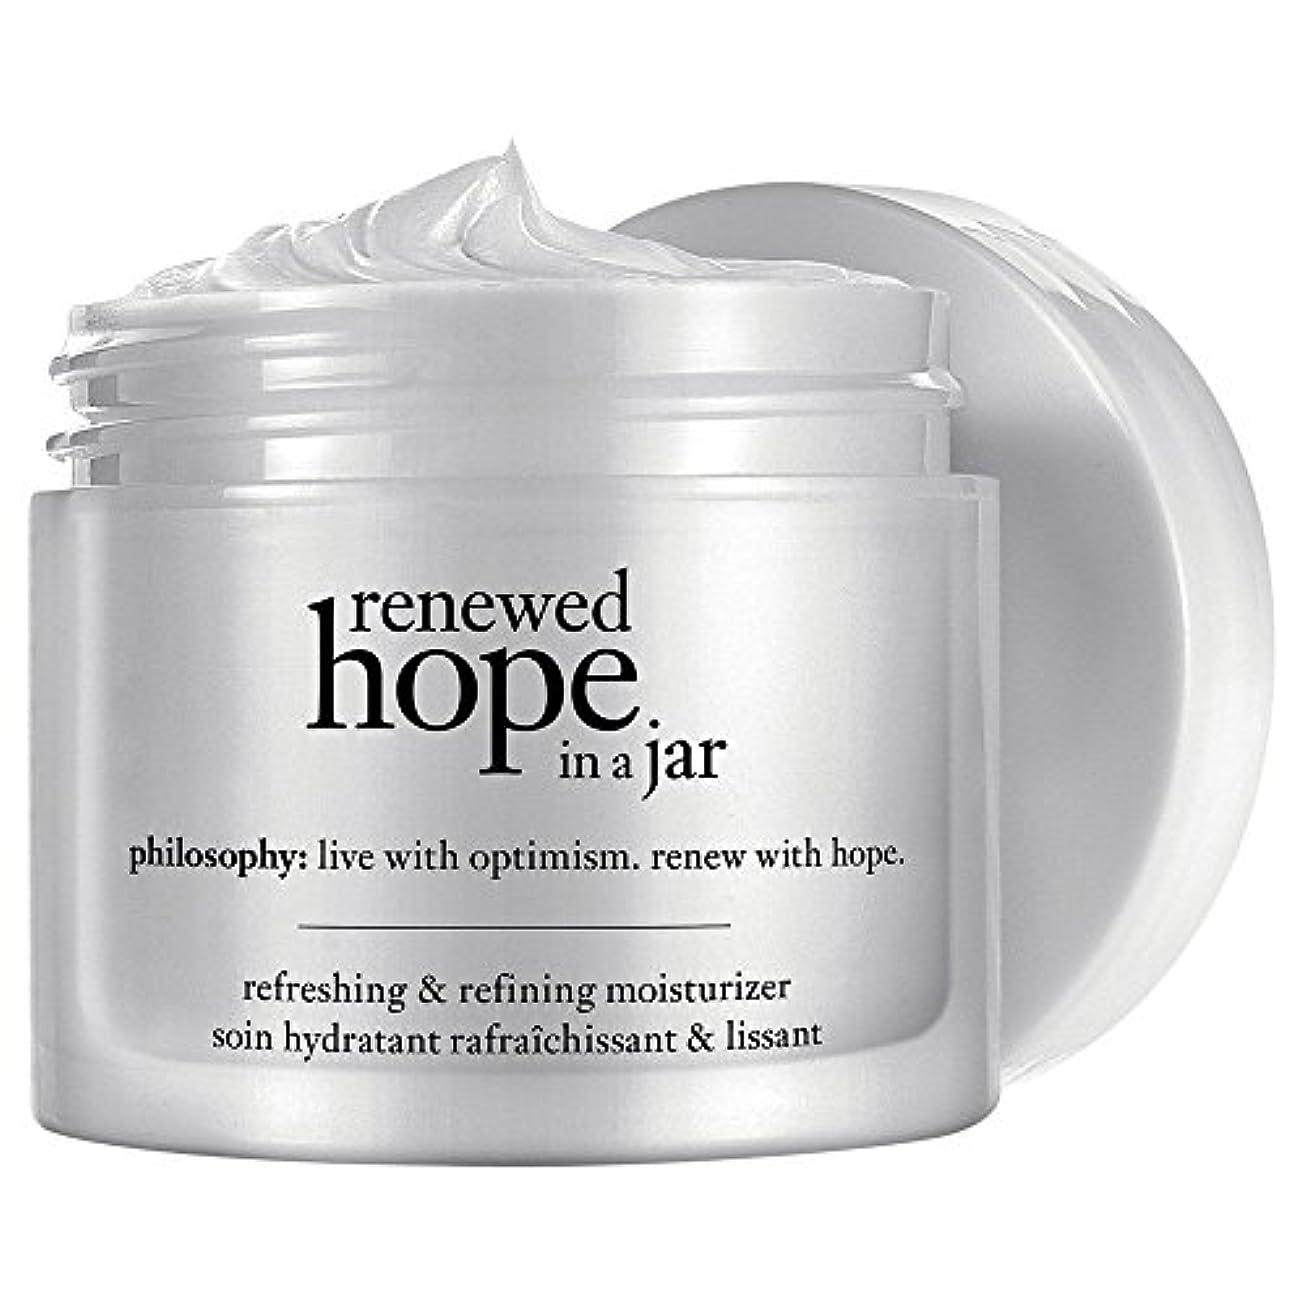 あいまいさコークス違反する瓶内の哲学新たな希望を、60ミリリットル (Philosophy) - Philosophy Renewed Hope In a Jar, 60ml [並行輸入品]